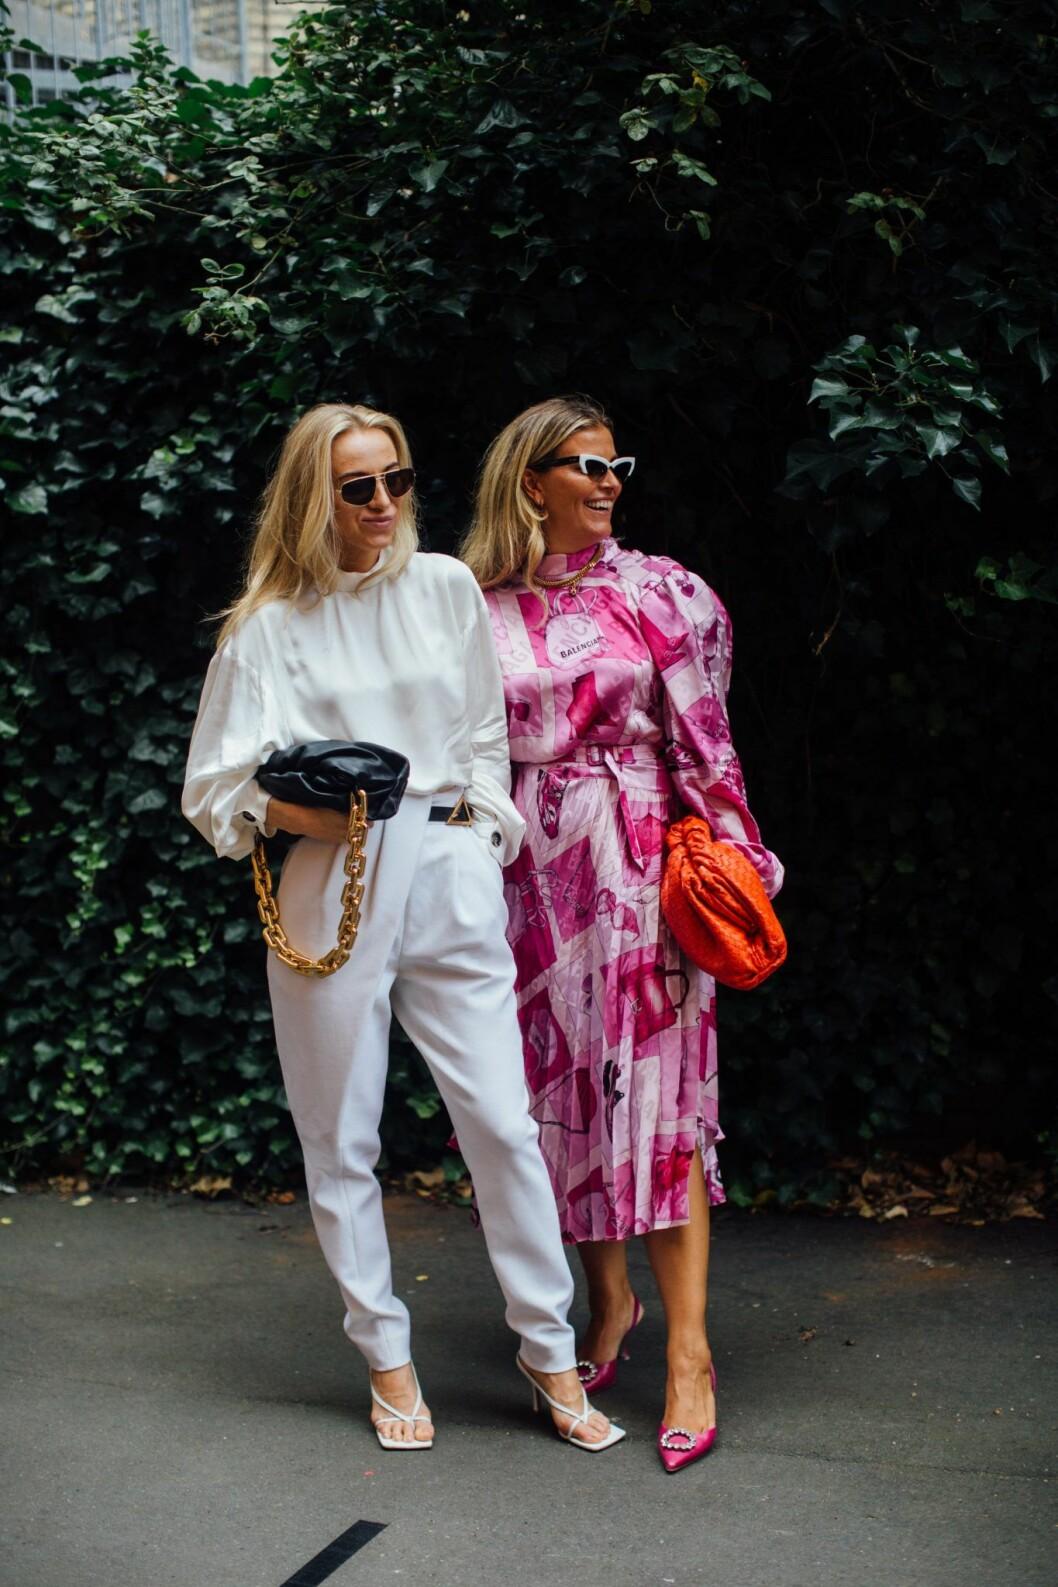 Streetstyle cph vit och rosa